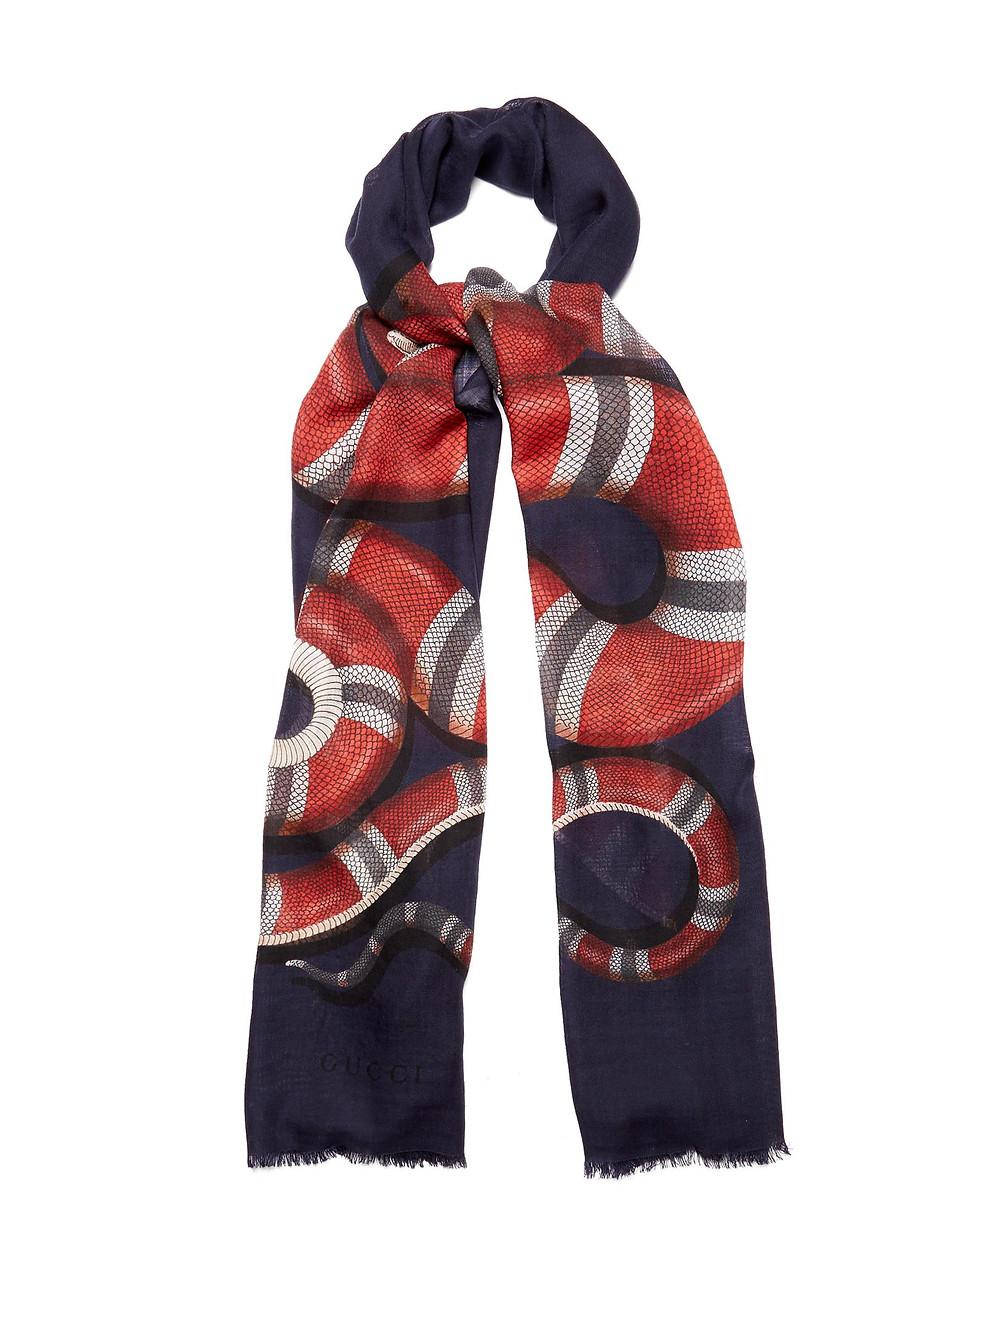 Gucci Kingsnake scarf